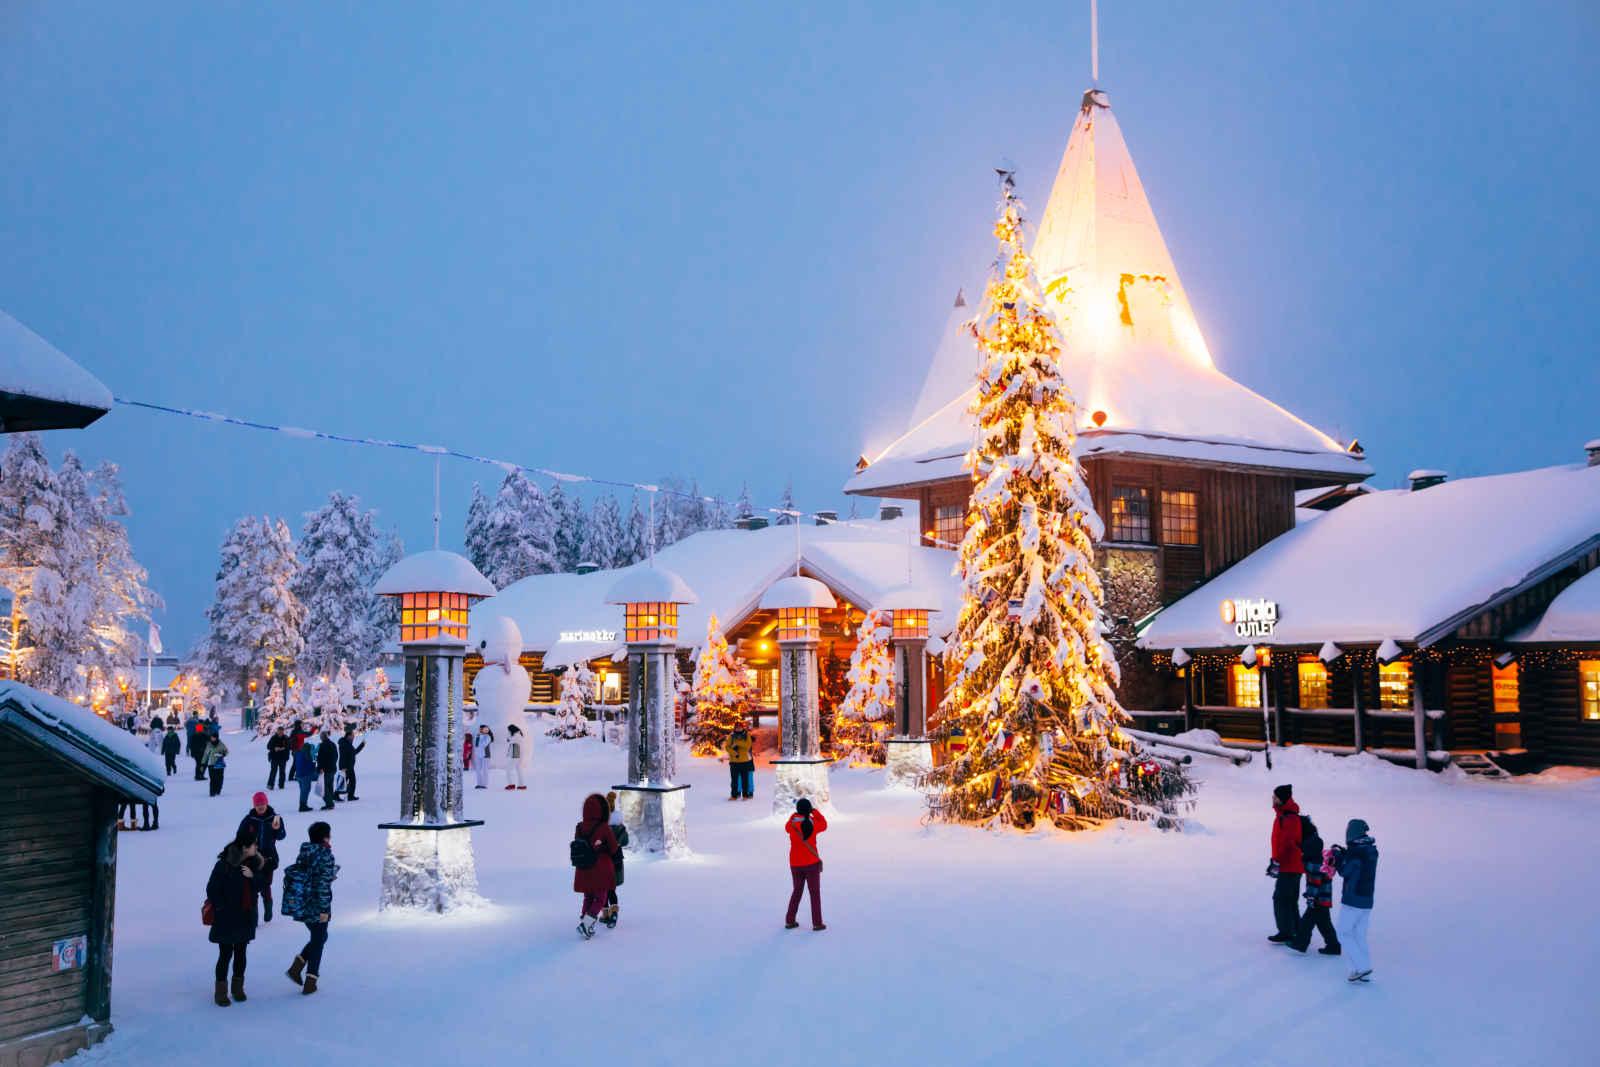 Nouvel An au Ounasvaara Chalets - départ du 29 décembre